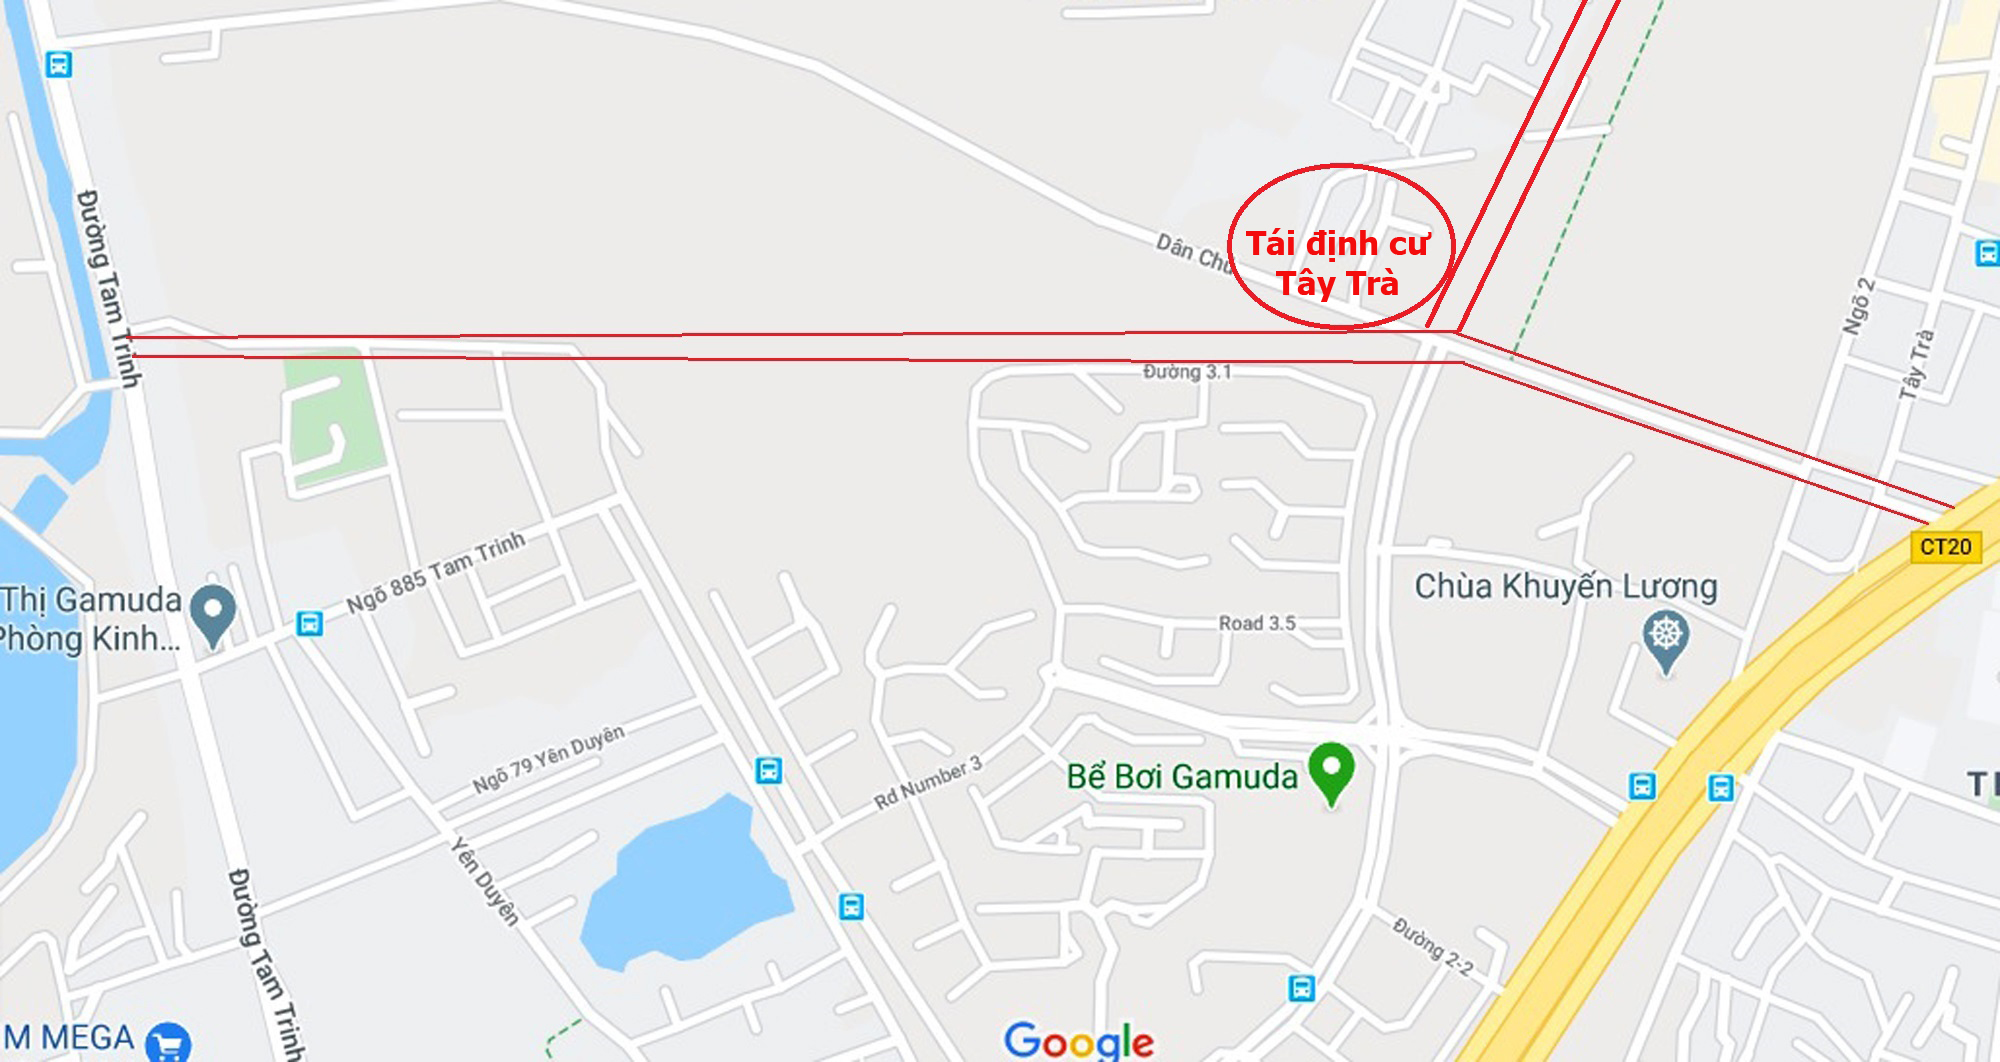 Những con đường đưa loạt chung cư, biệt thự ra 'mặt tiền' ở phường Trần Phú, Yên Sở - Ảnh 21.